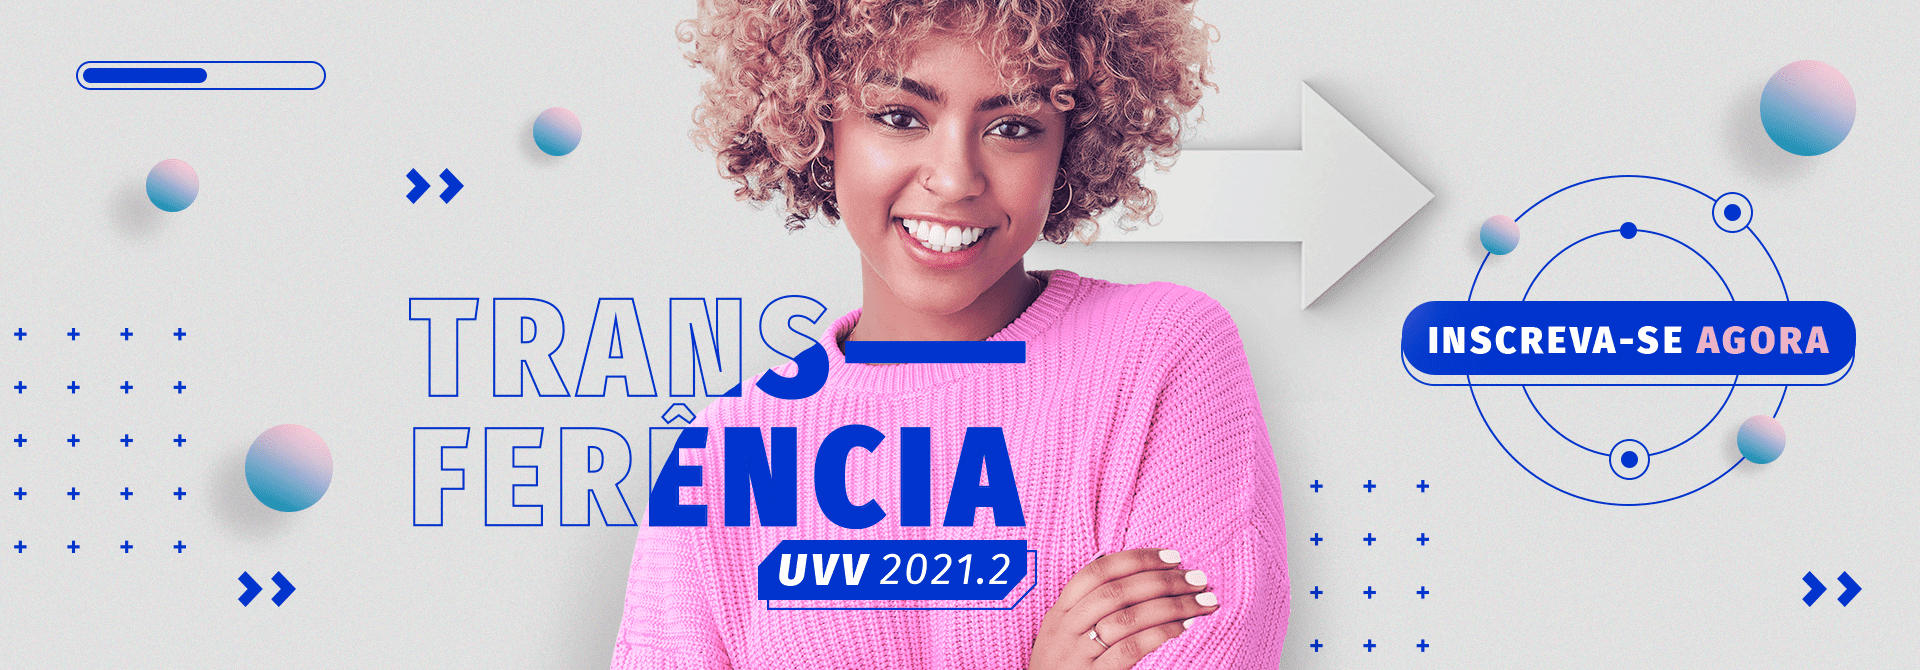 Transfira seu curso para a UVV. Inscreva-se em www.uvv.br.